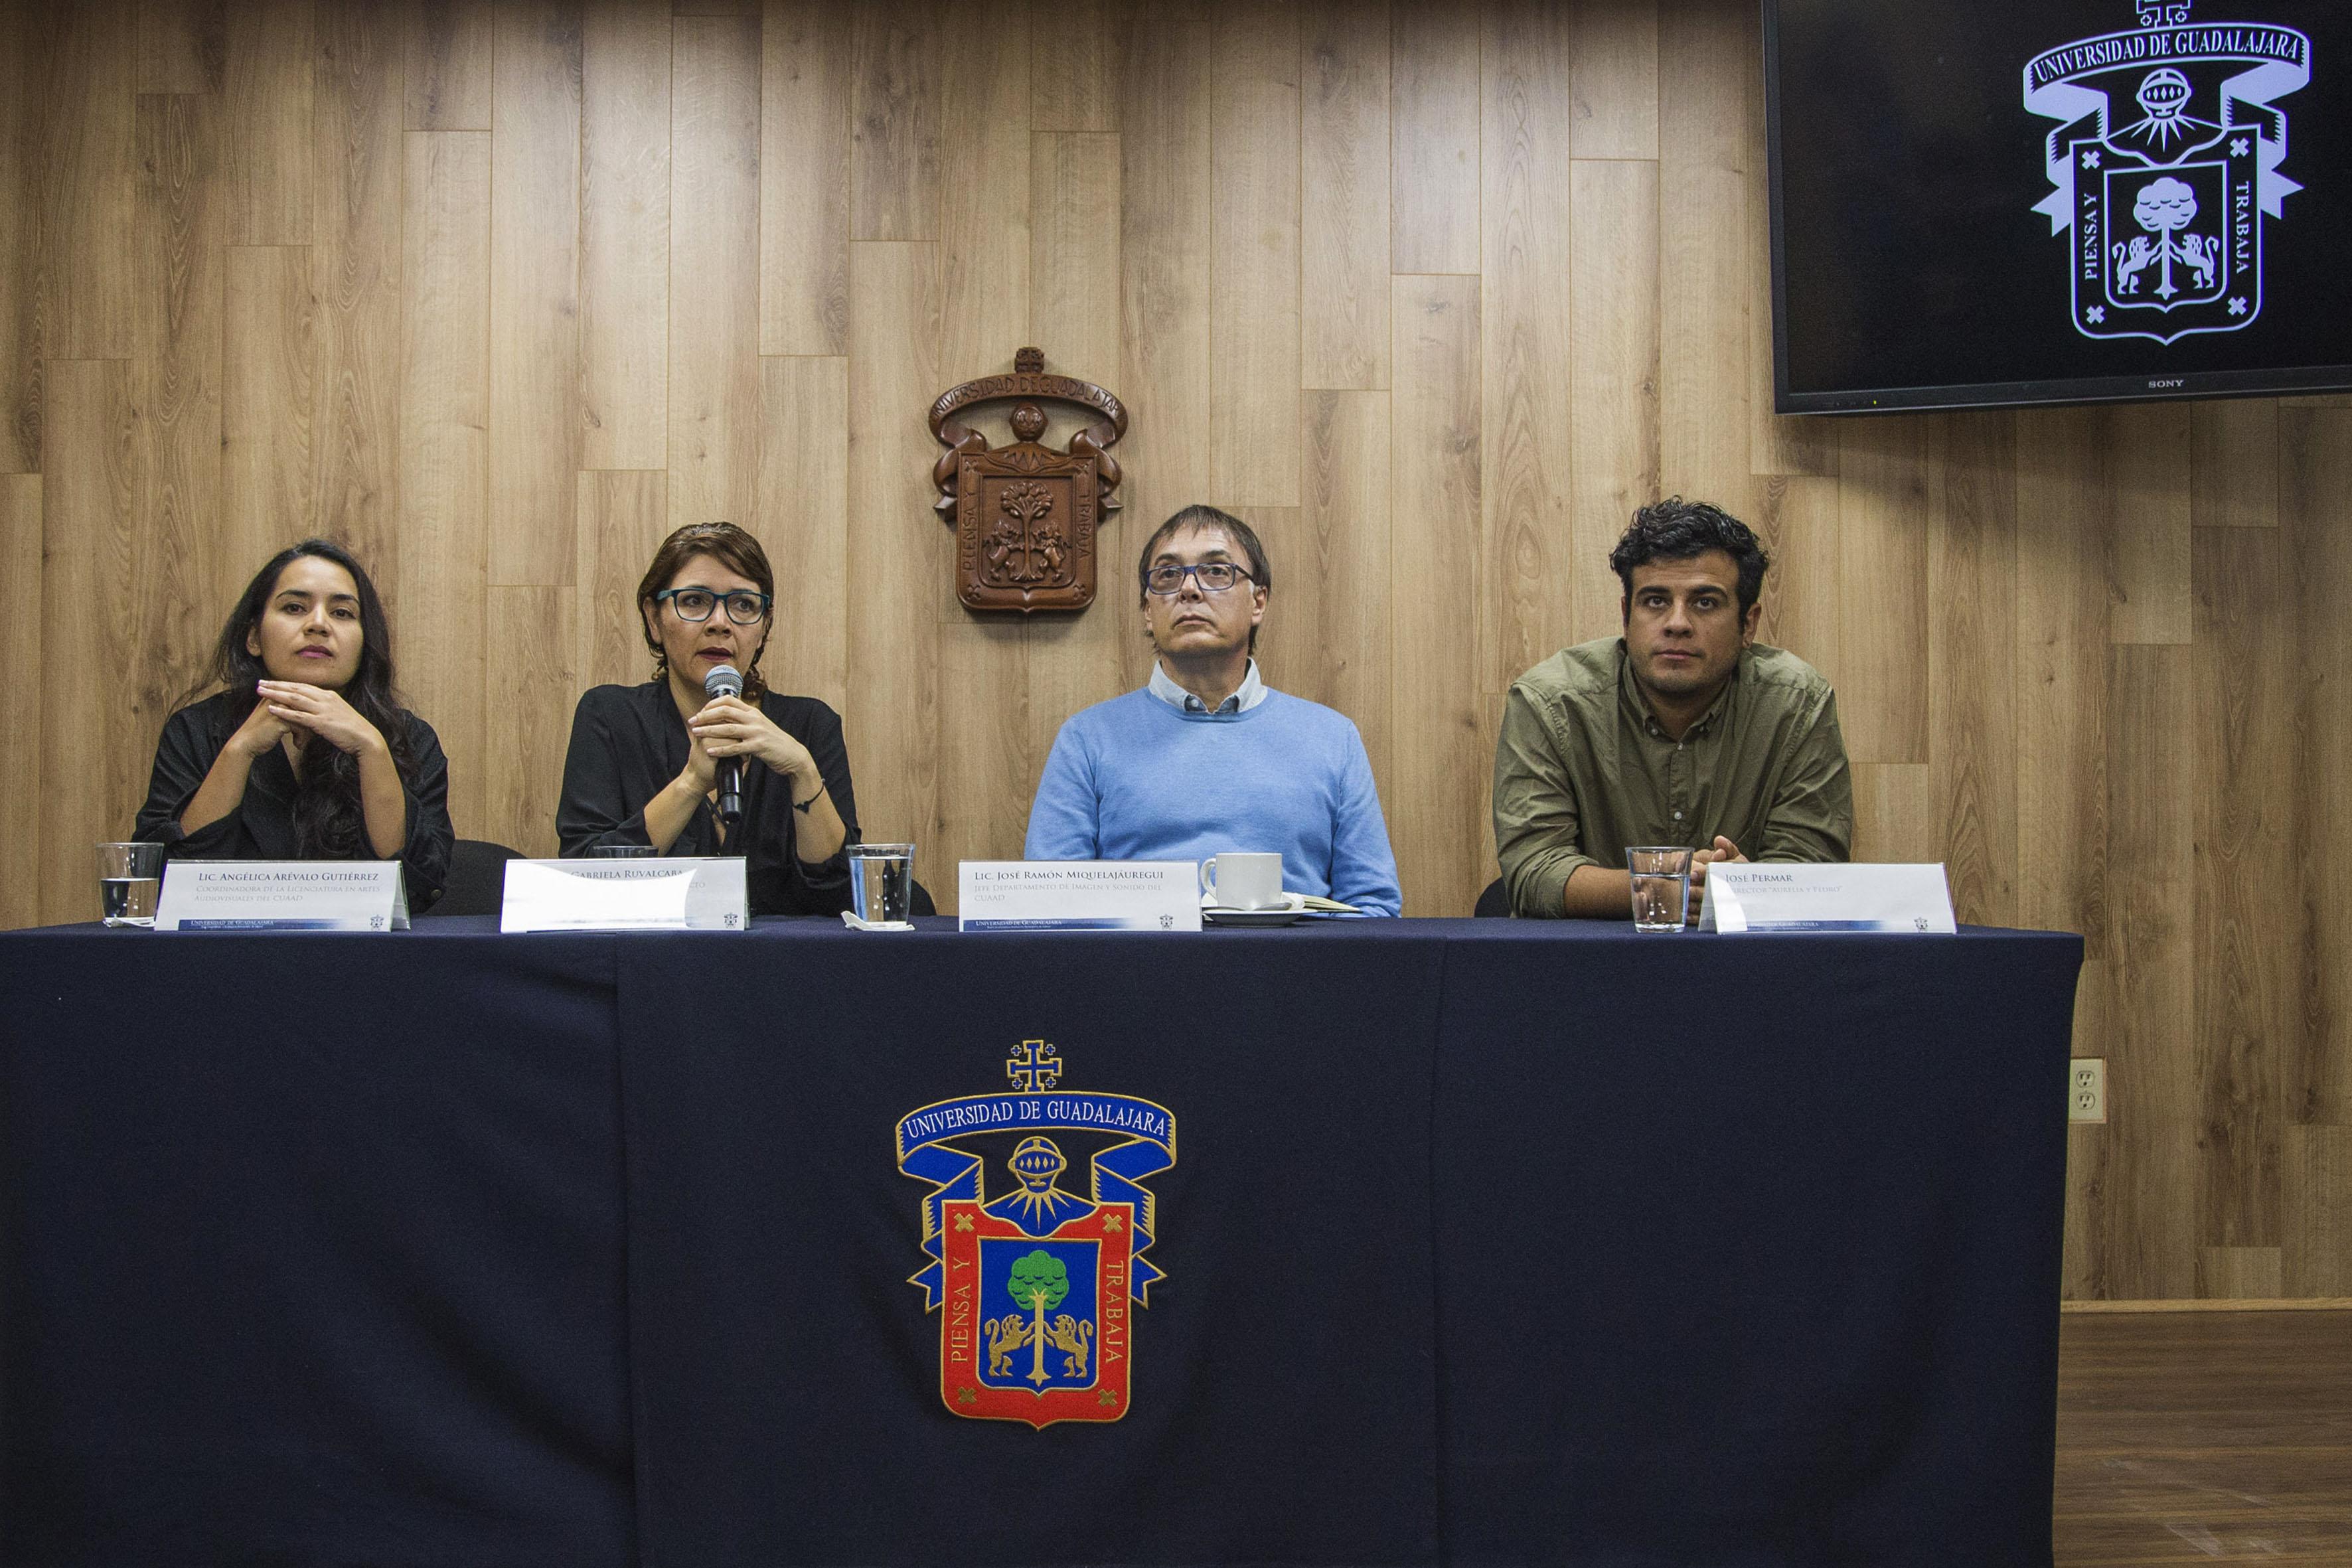 Panelistas participantes en la rueda de prensa para dar a conocer el proyecto a realizar por estudiantes de Artes Audiovisuales del CUAAD, con respecto a documentales en tierras Rulfianas.